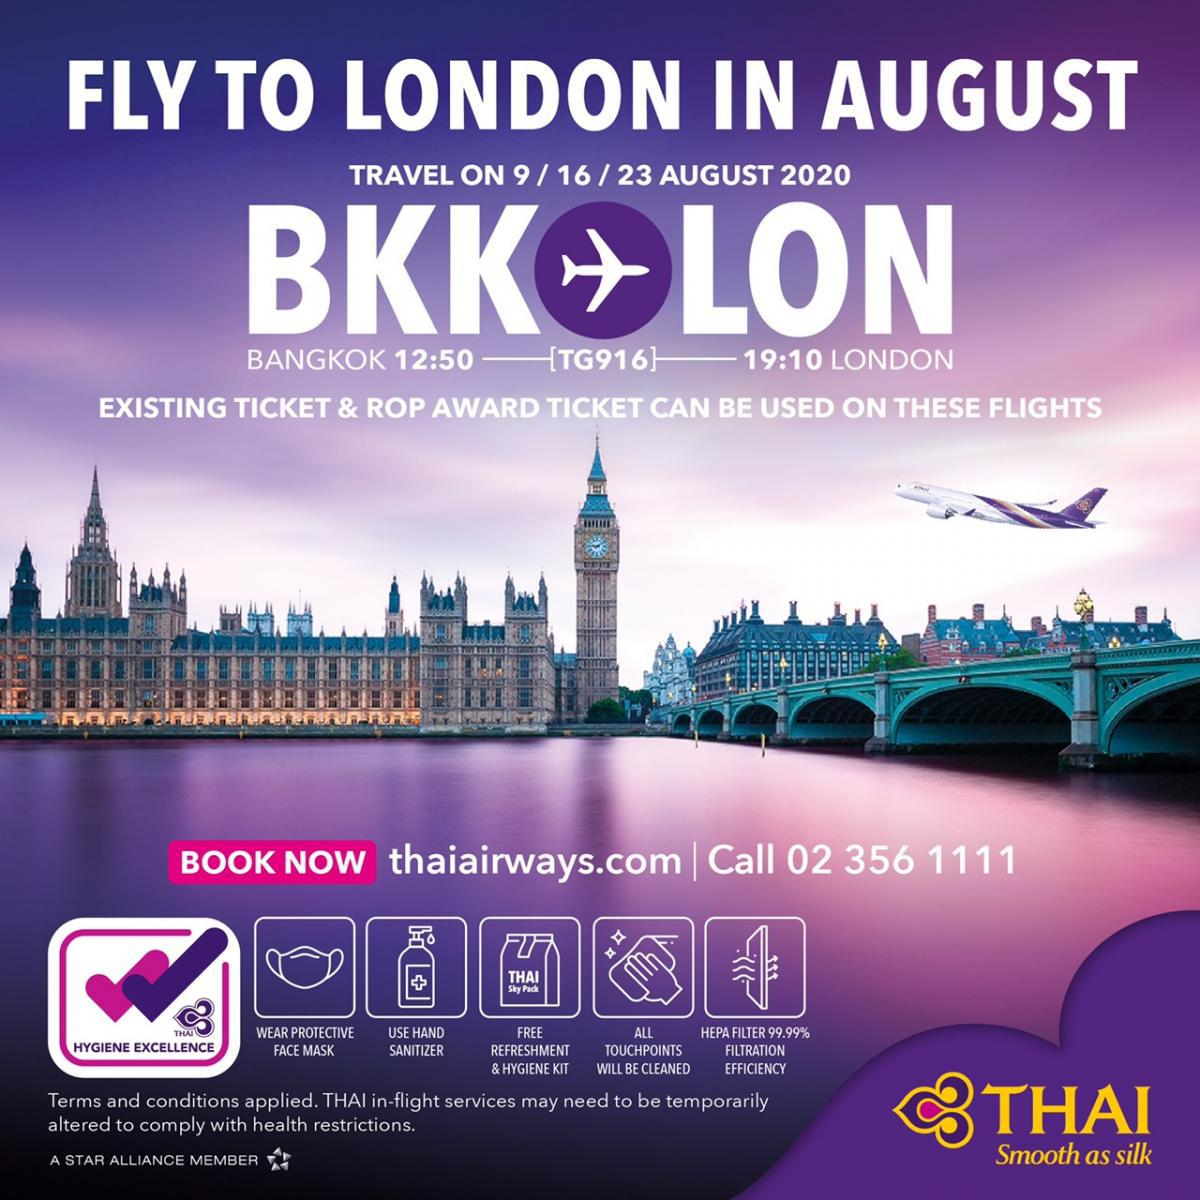 การบินไทยพร้อมพาคุณบินตรงสู่จุดหมาย นครลอนดอน  ด้วยเที่ยวบินพิเศษ 3 เที่ยวบิน ในเดือนสิงหาคม 2563